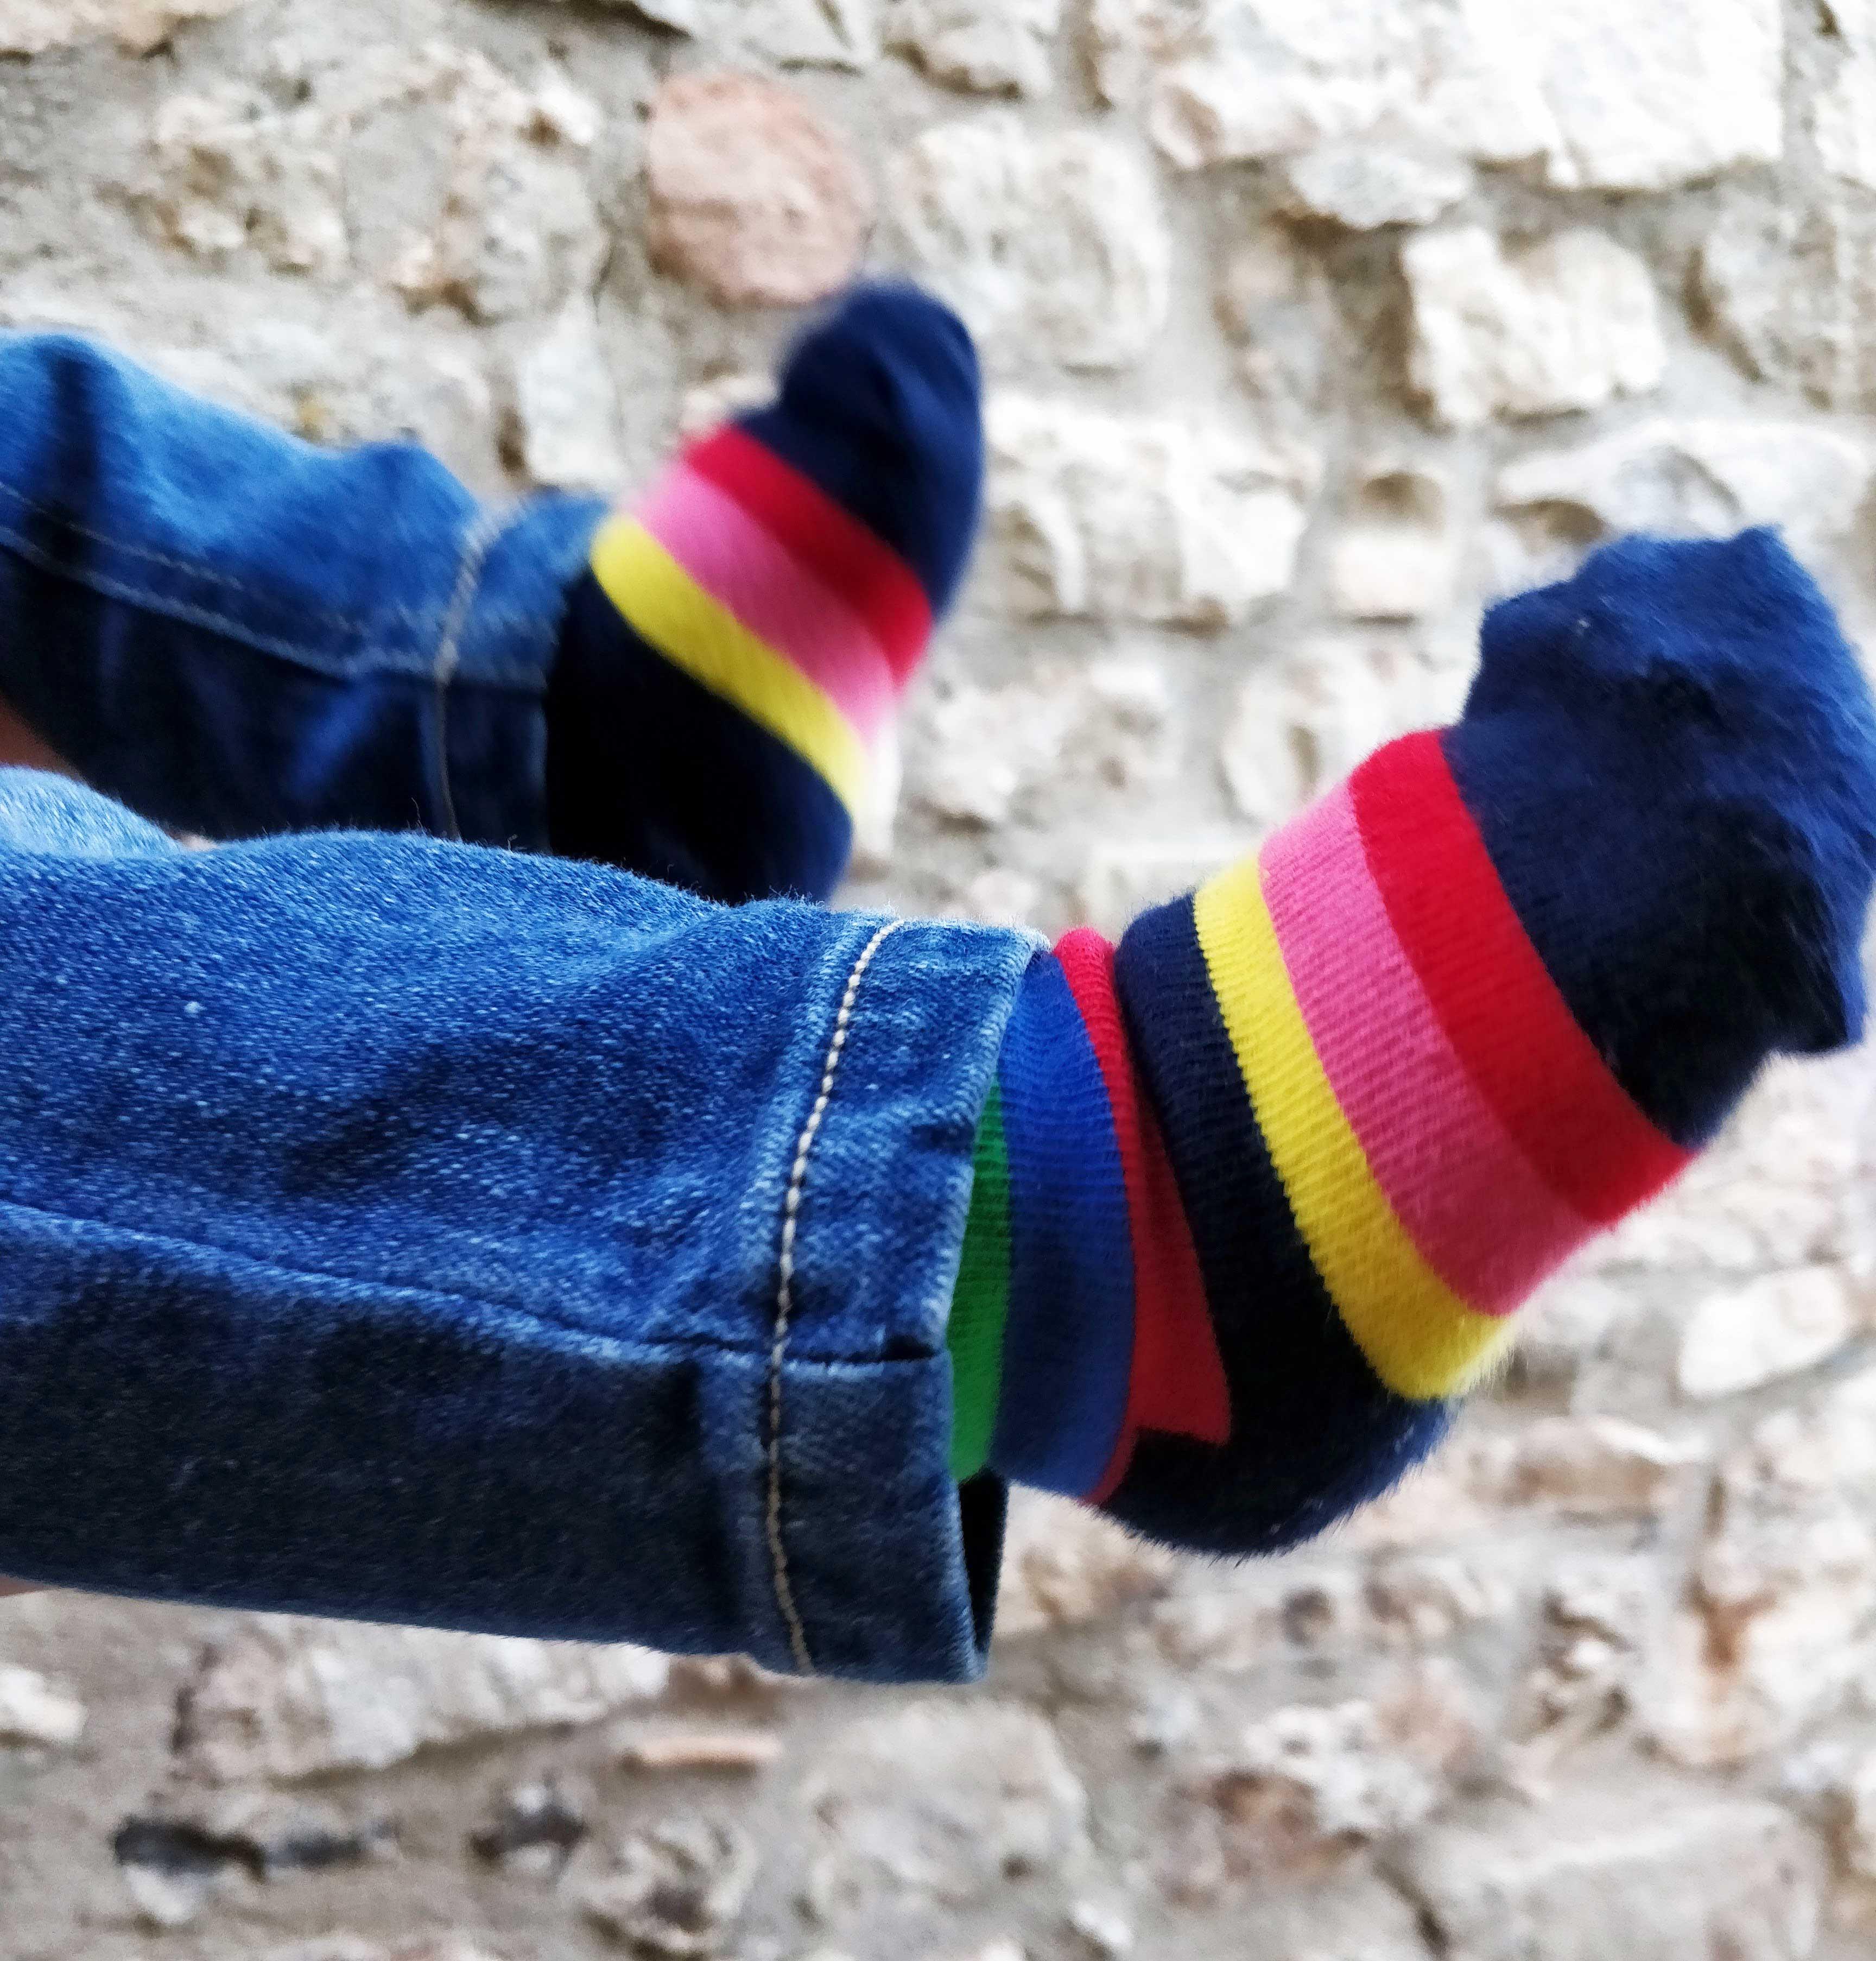 70a62005ba Escoger unos zapatos adecuados para los más pequeños puede evitar problemas  en los pies y en el aparato locomotor del niño.